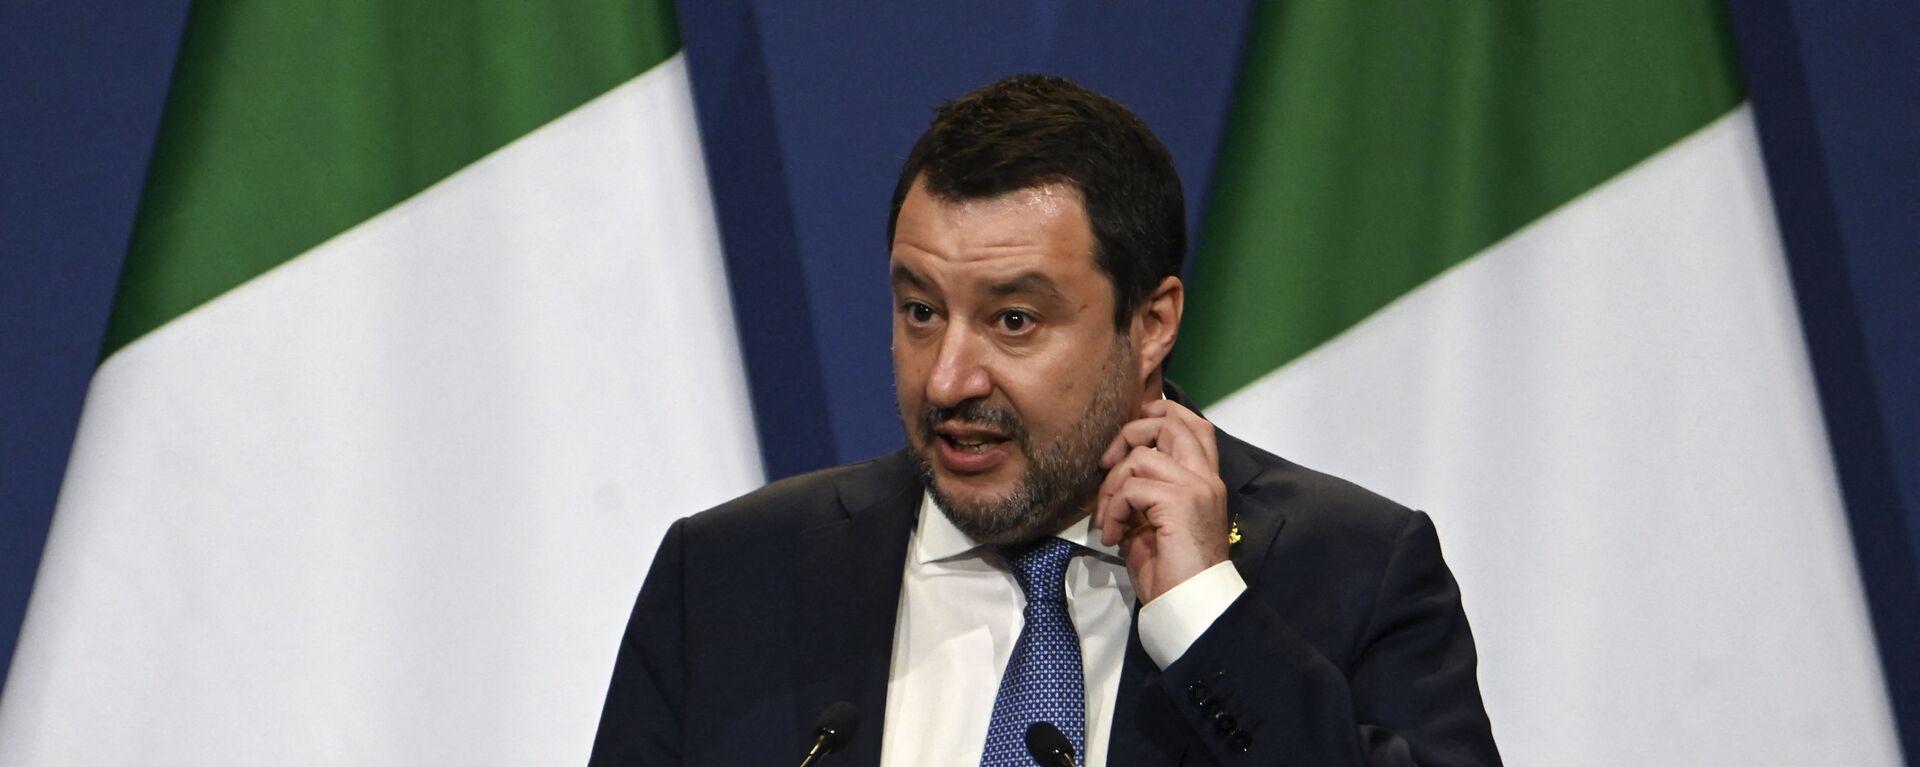 Matteo Salvini - Sputnik Italia, 1920, 15.09.2021